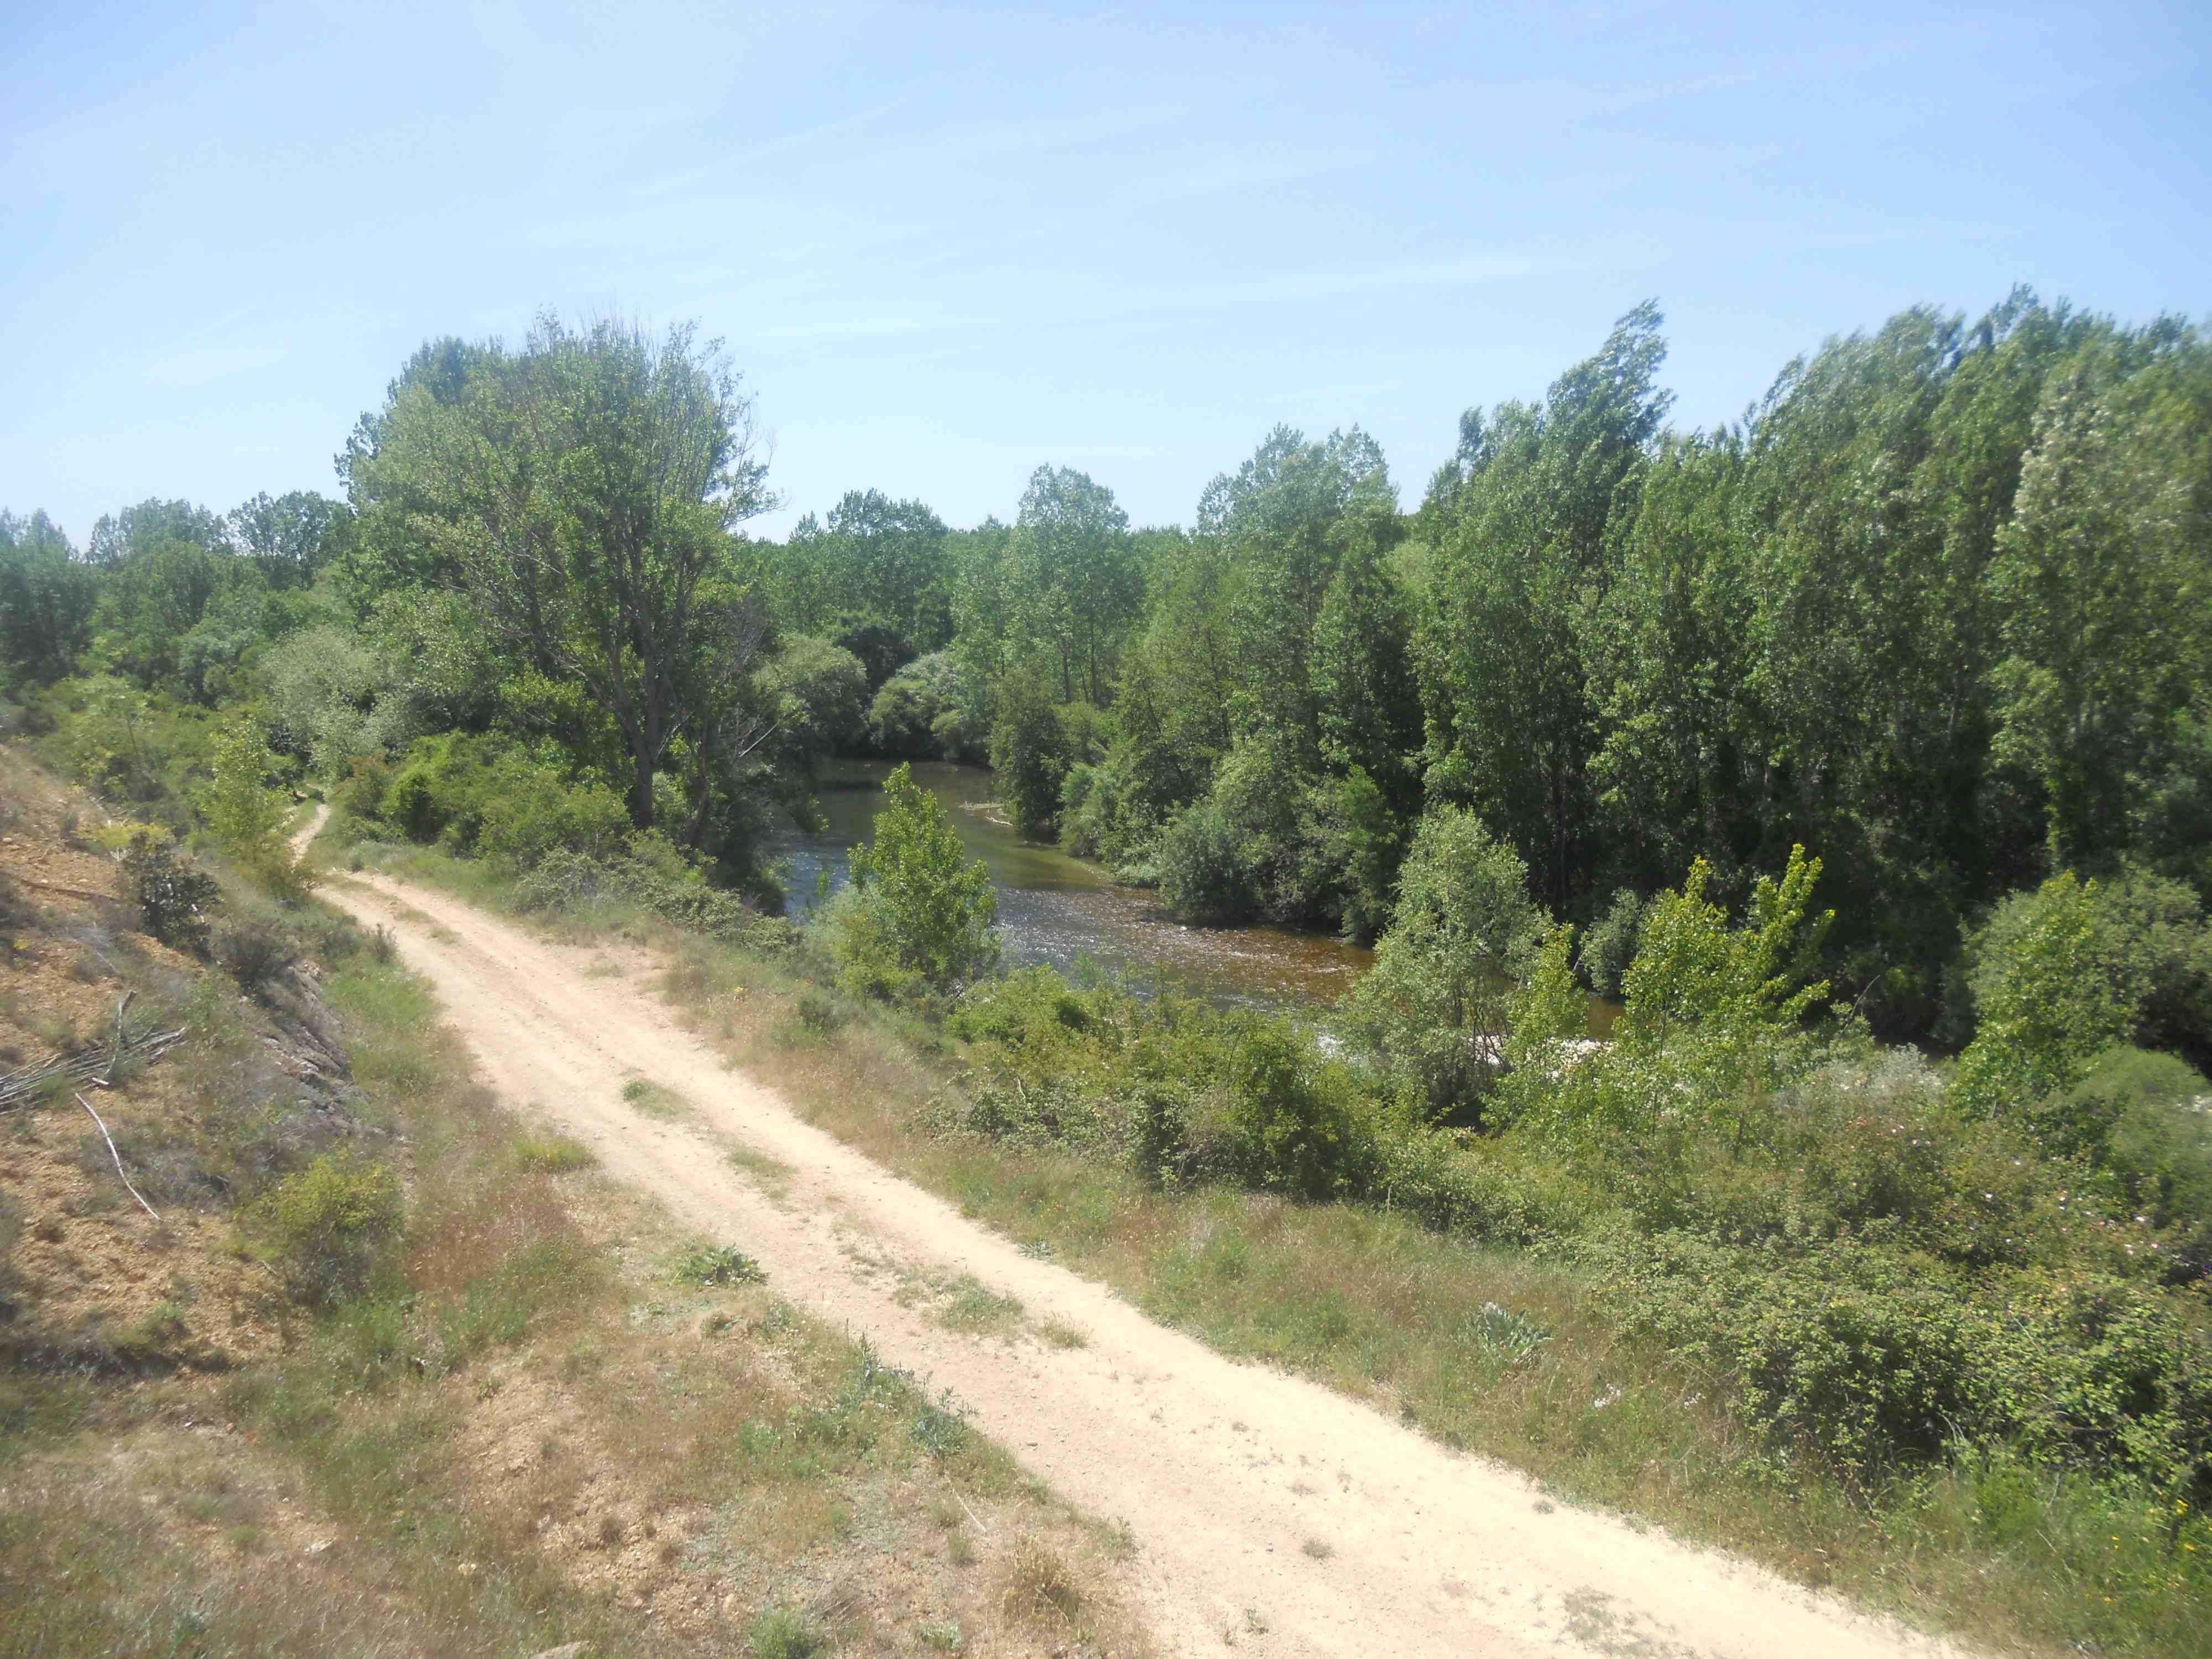 Despues de un buen paseo ya vemos por fin el #río, que ganas!!!